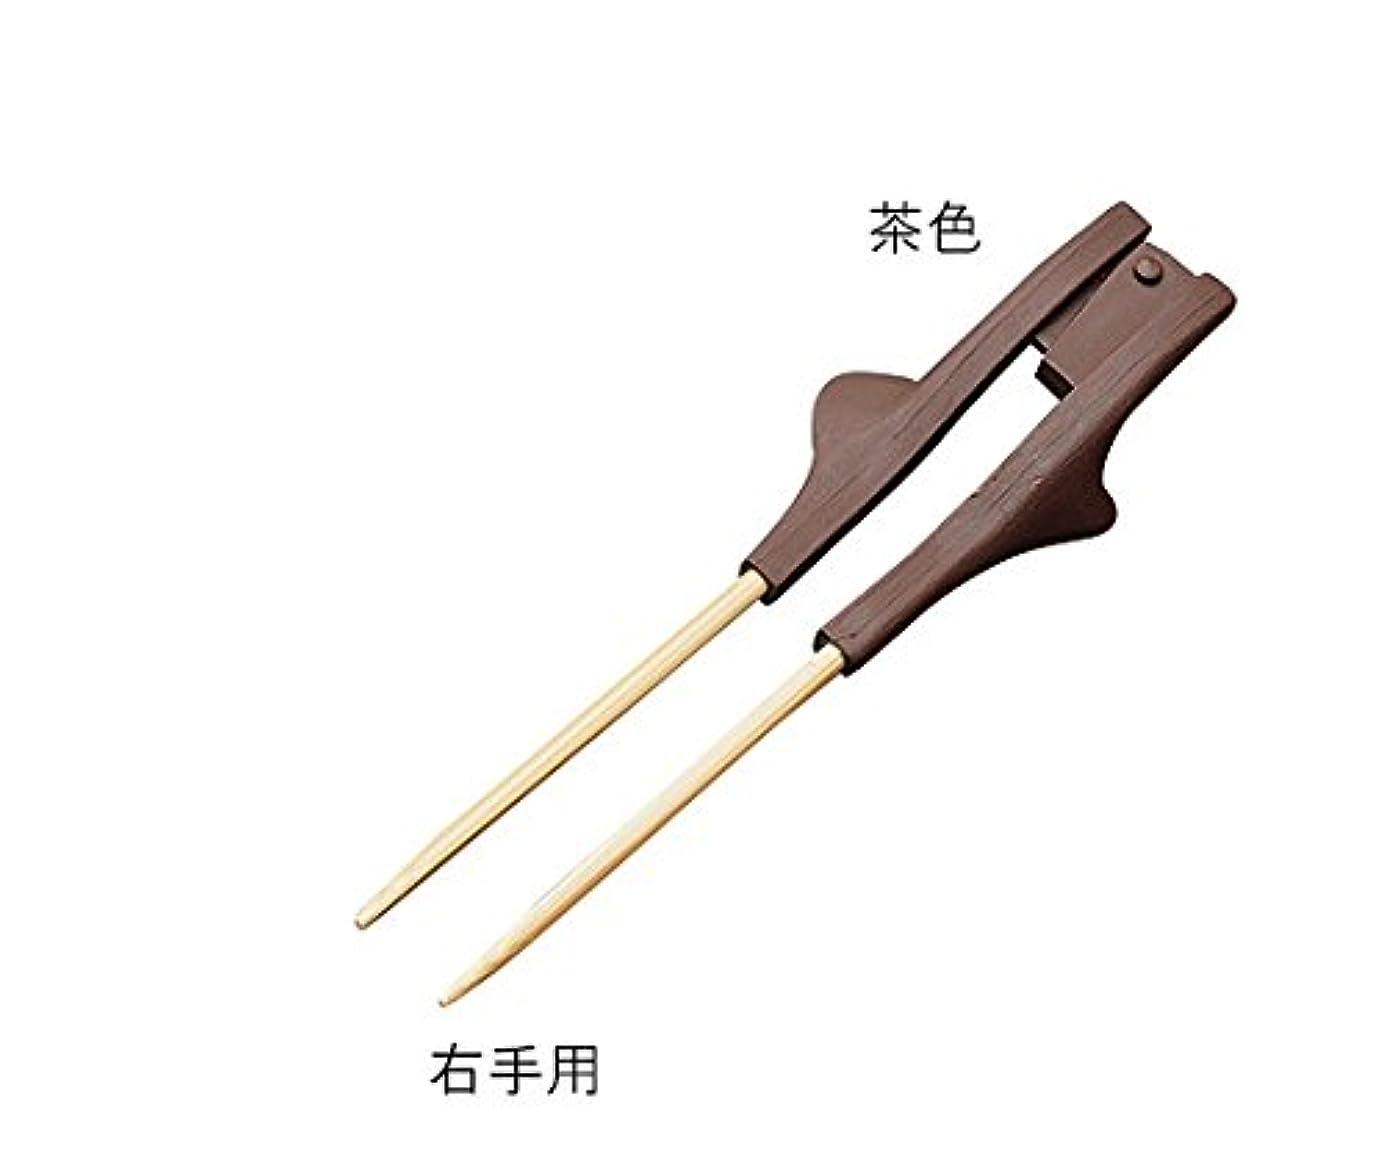 さておき完了これまで箸ぞうくん クリアⅡ (自助食器) 茶色、右手用 約220mm